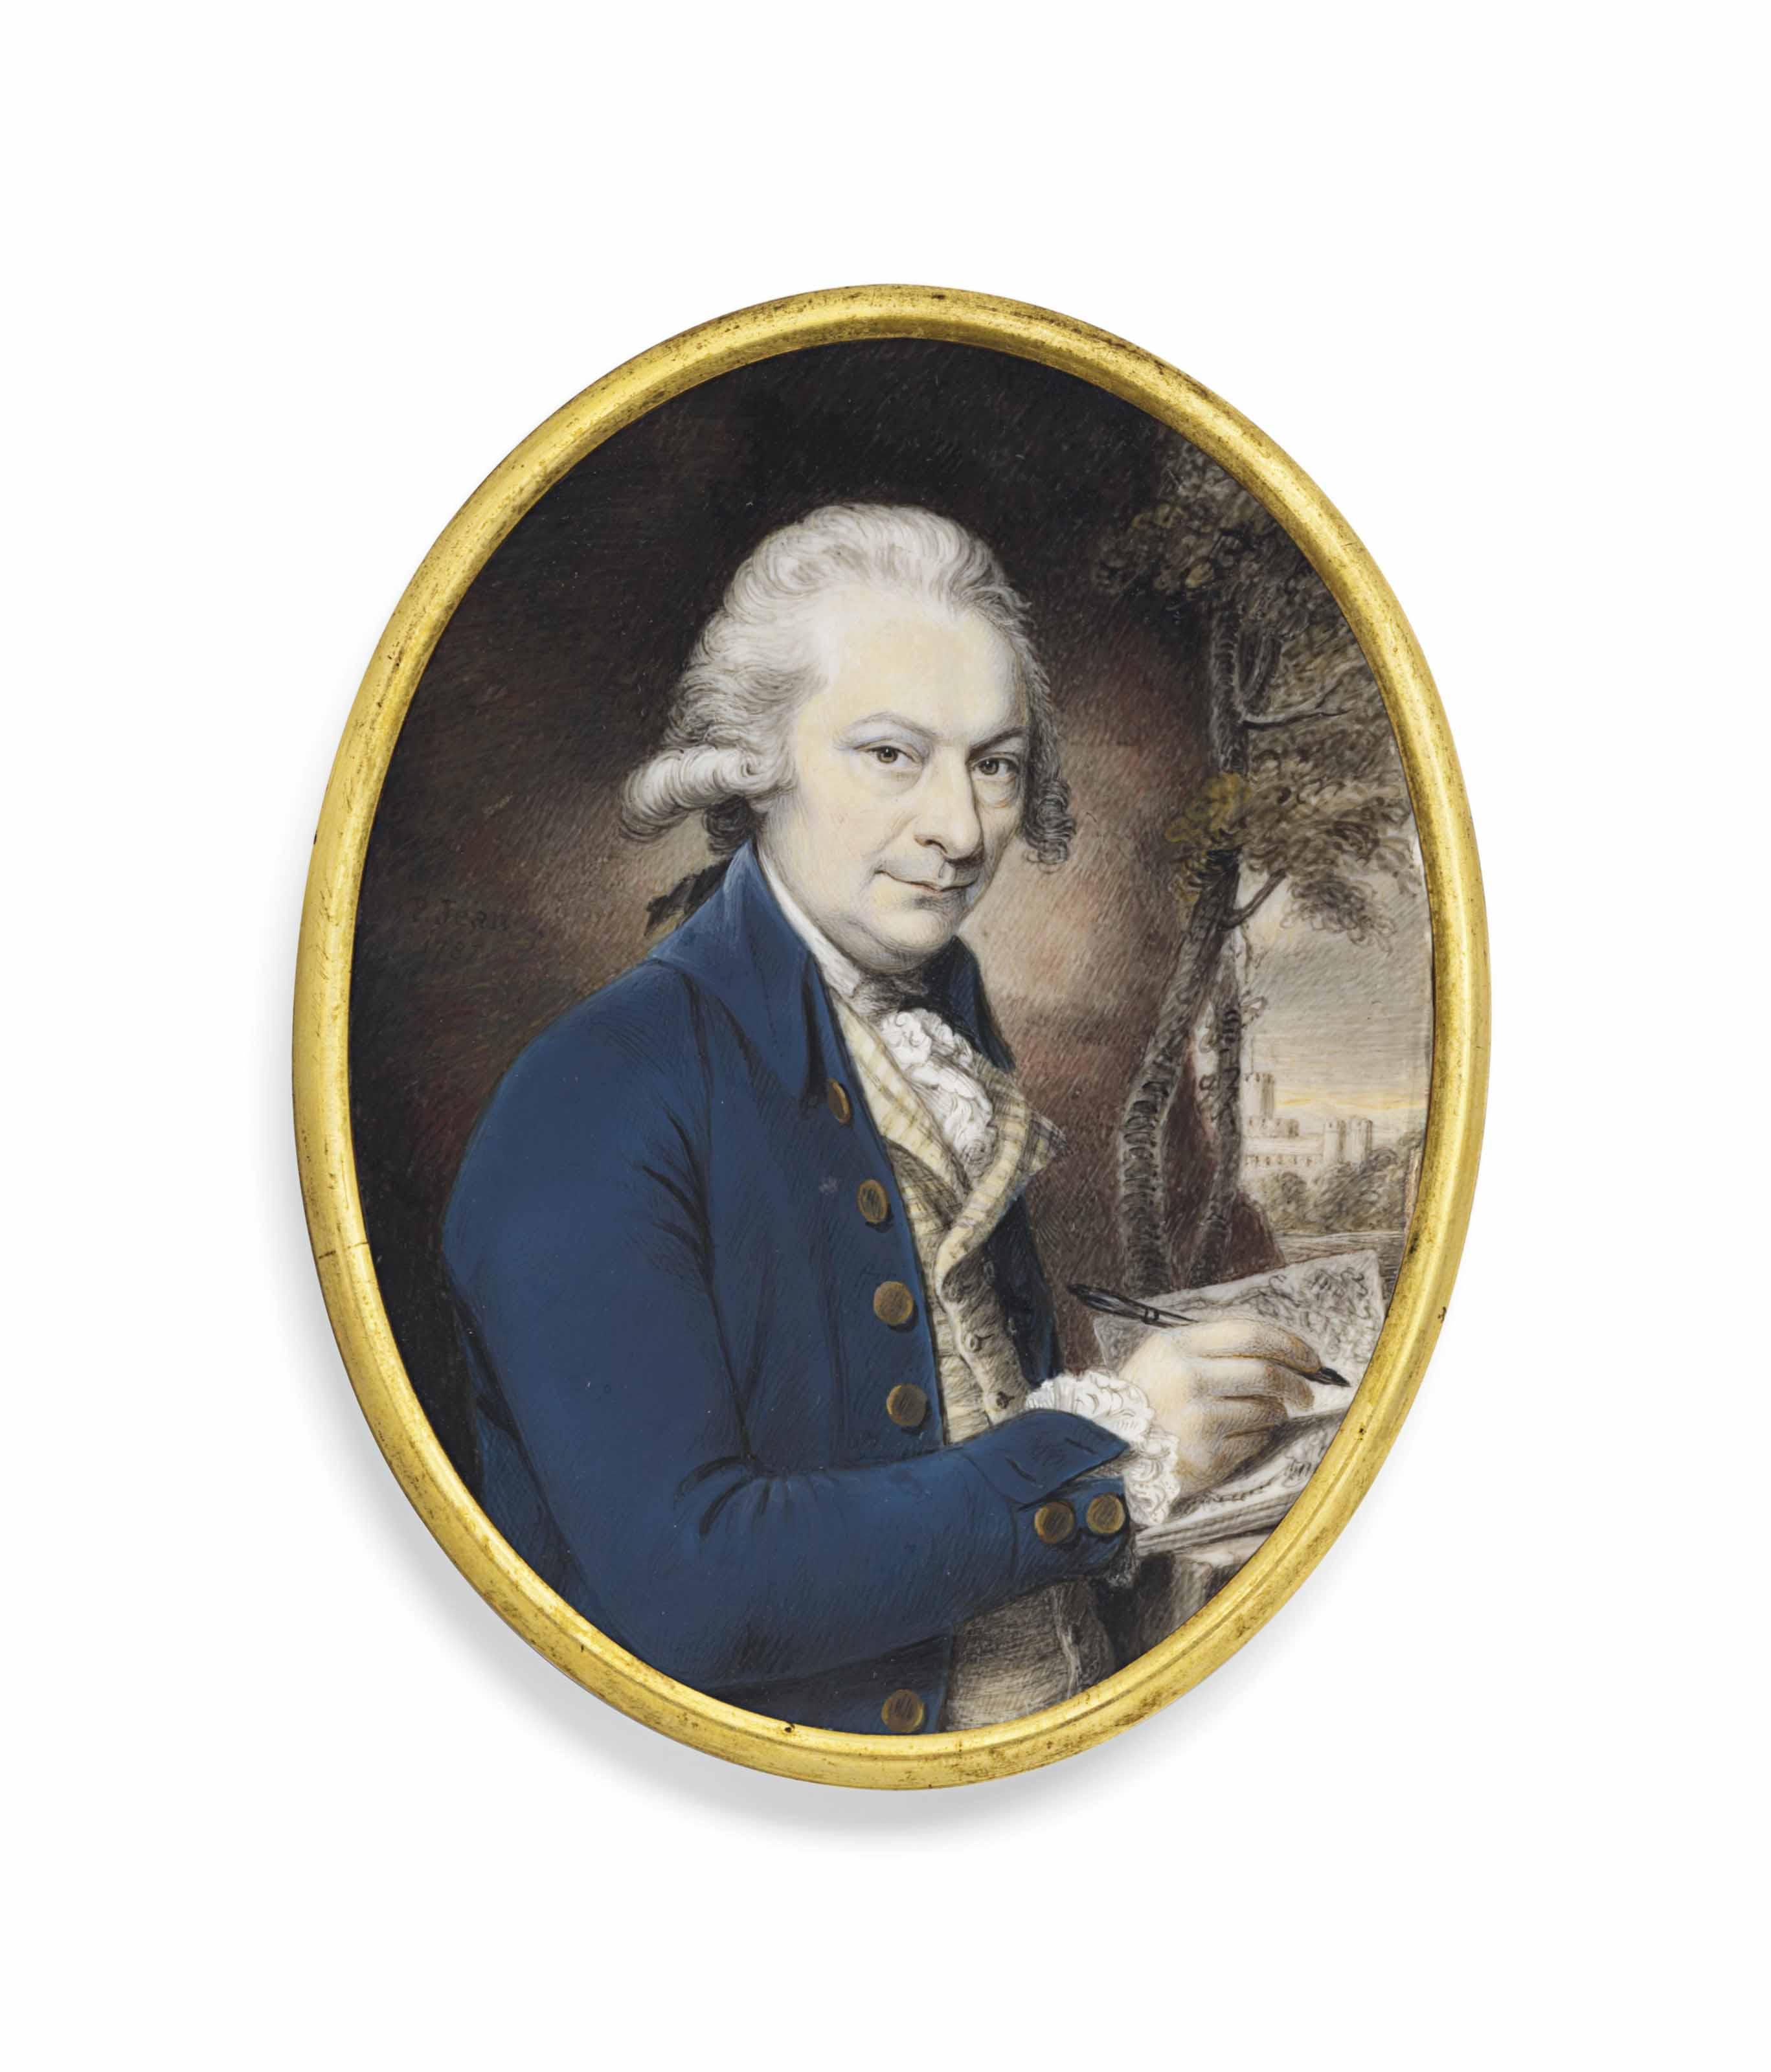 PHILIP JEAN (BRITISH, 1735-1802)